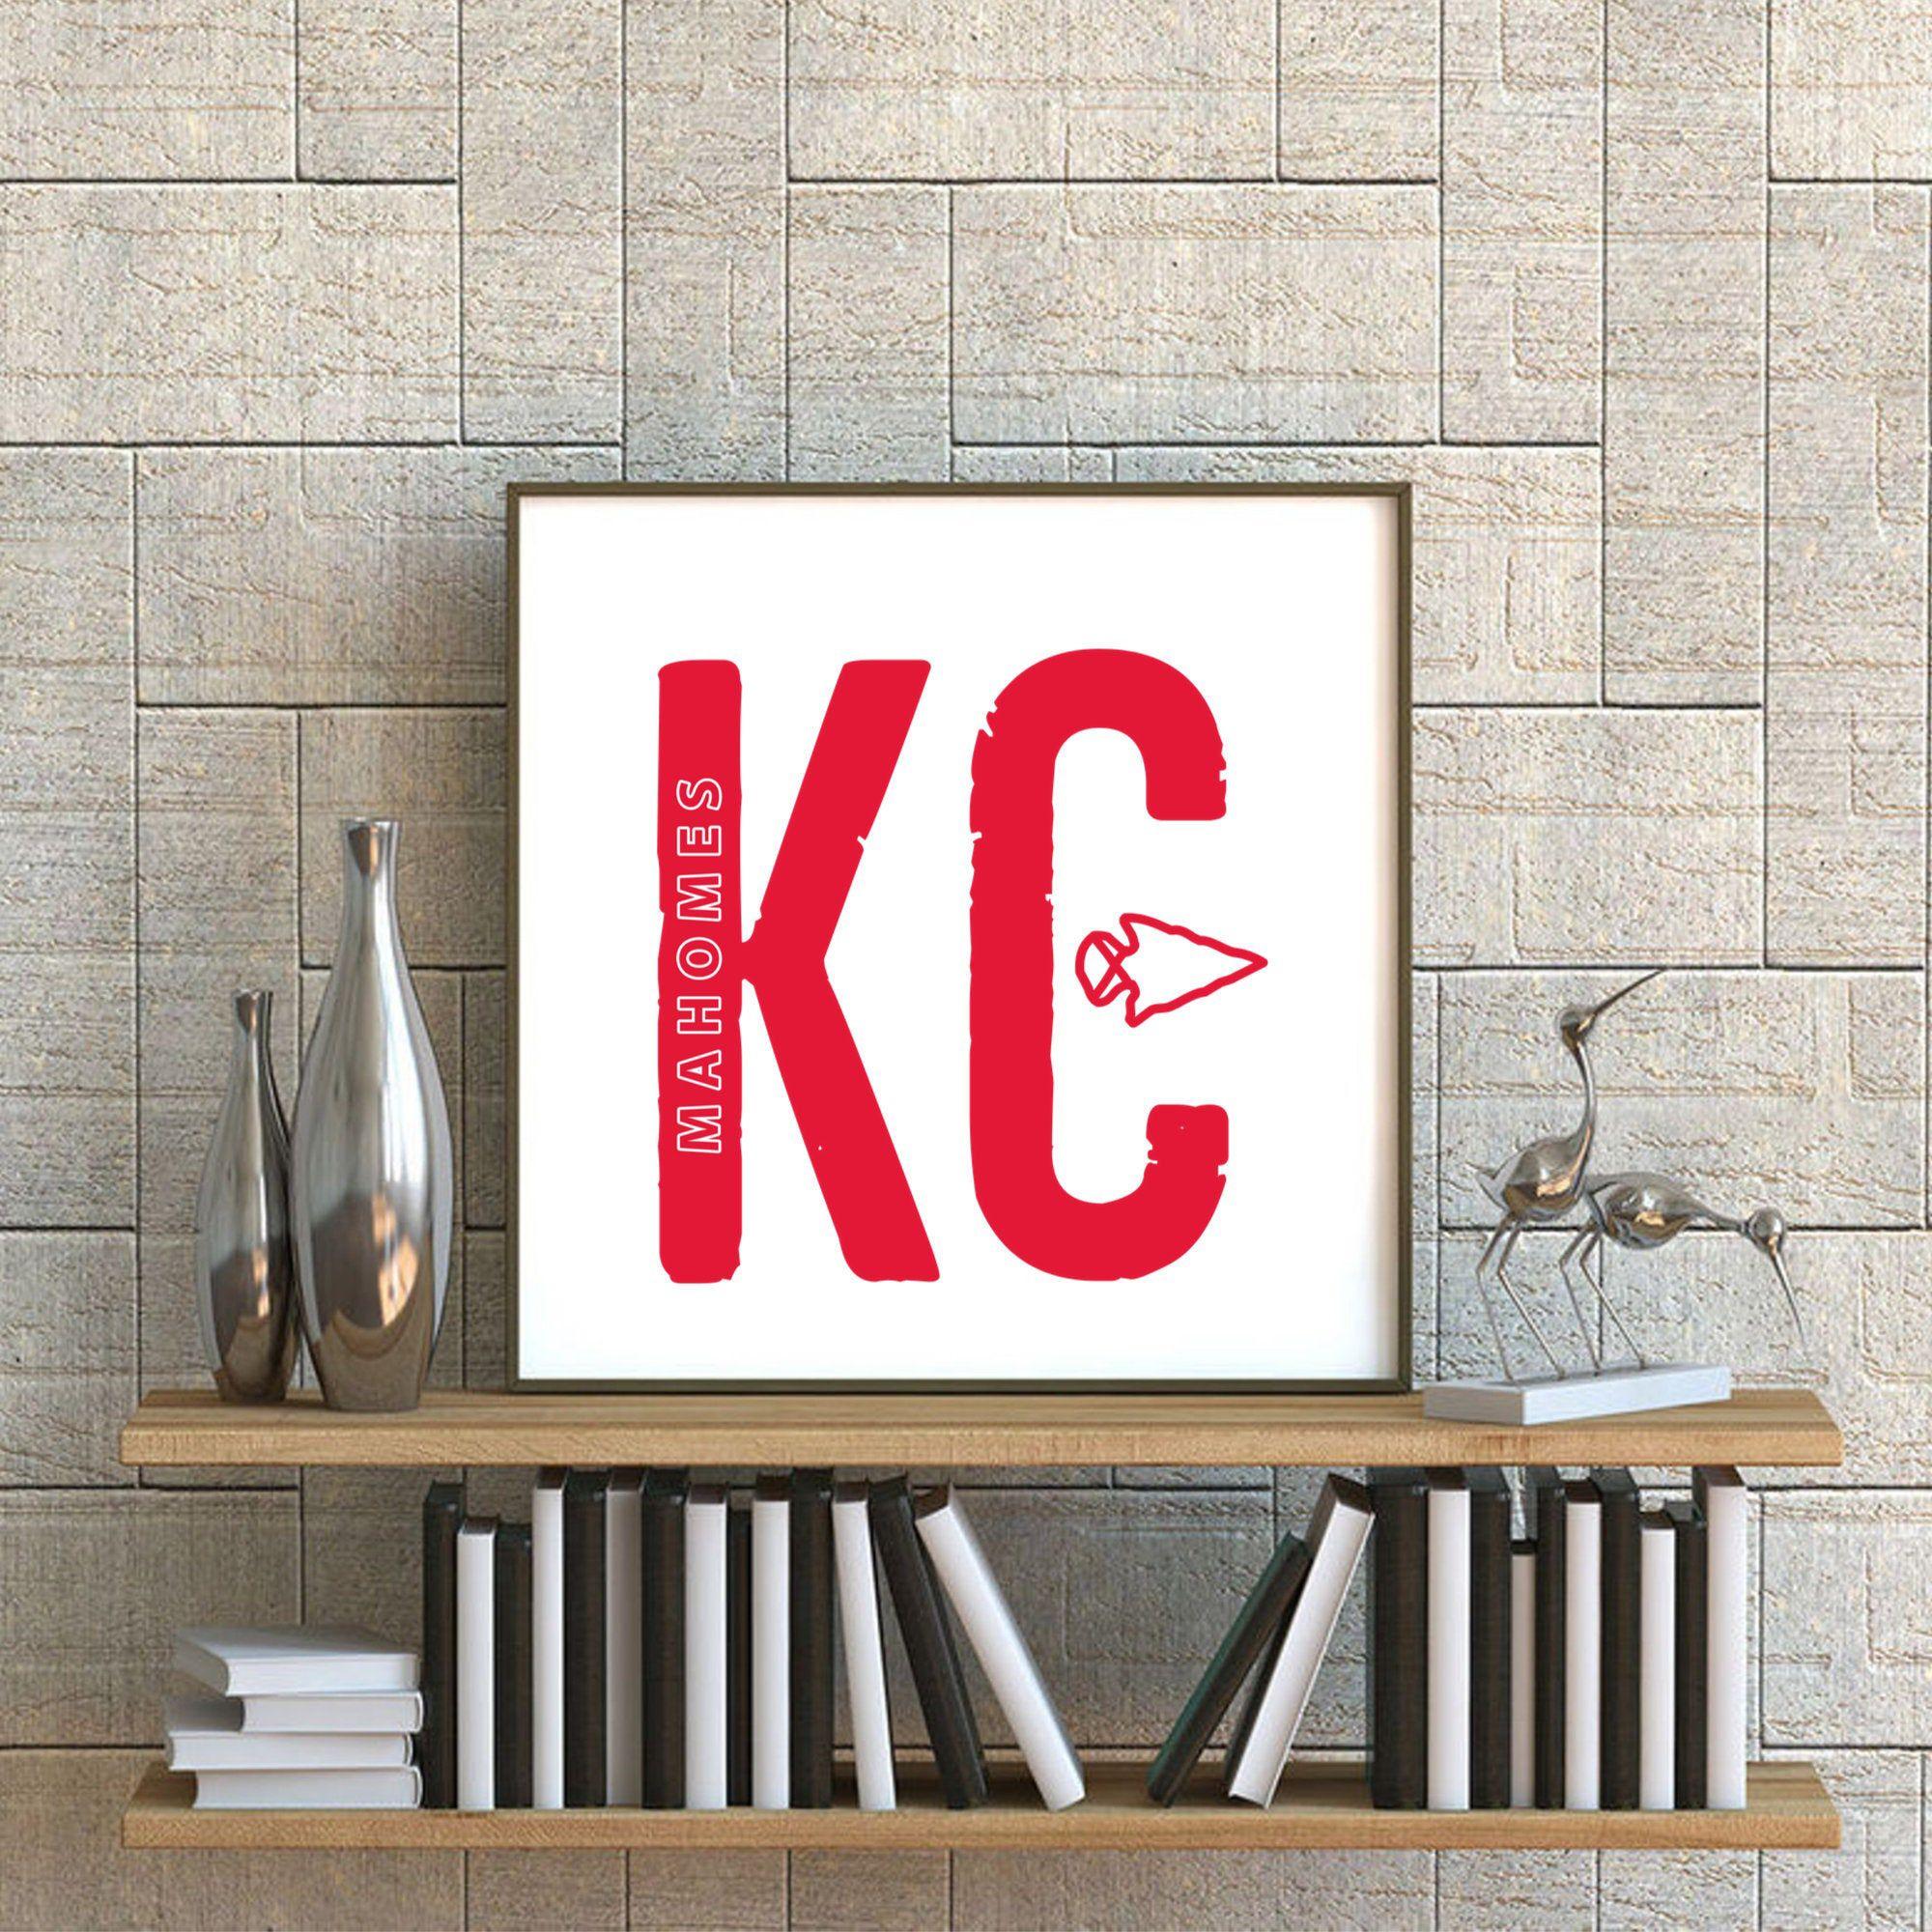 Patrick Mahomes Chiefs Football Kansas City | Gift for Him Gift for Her| Patrick Mahomes | Kansas City Chiefs